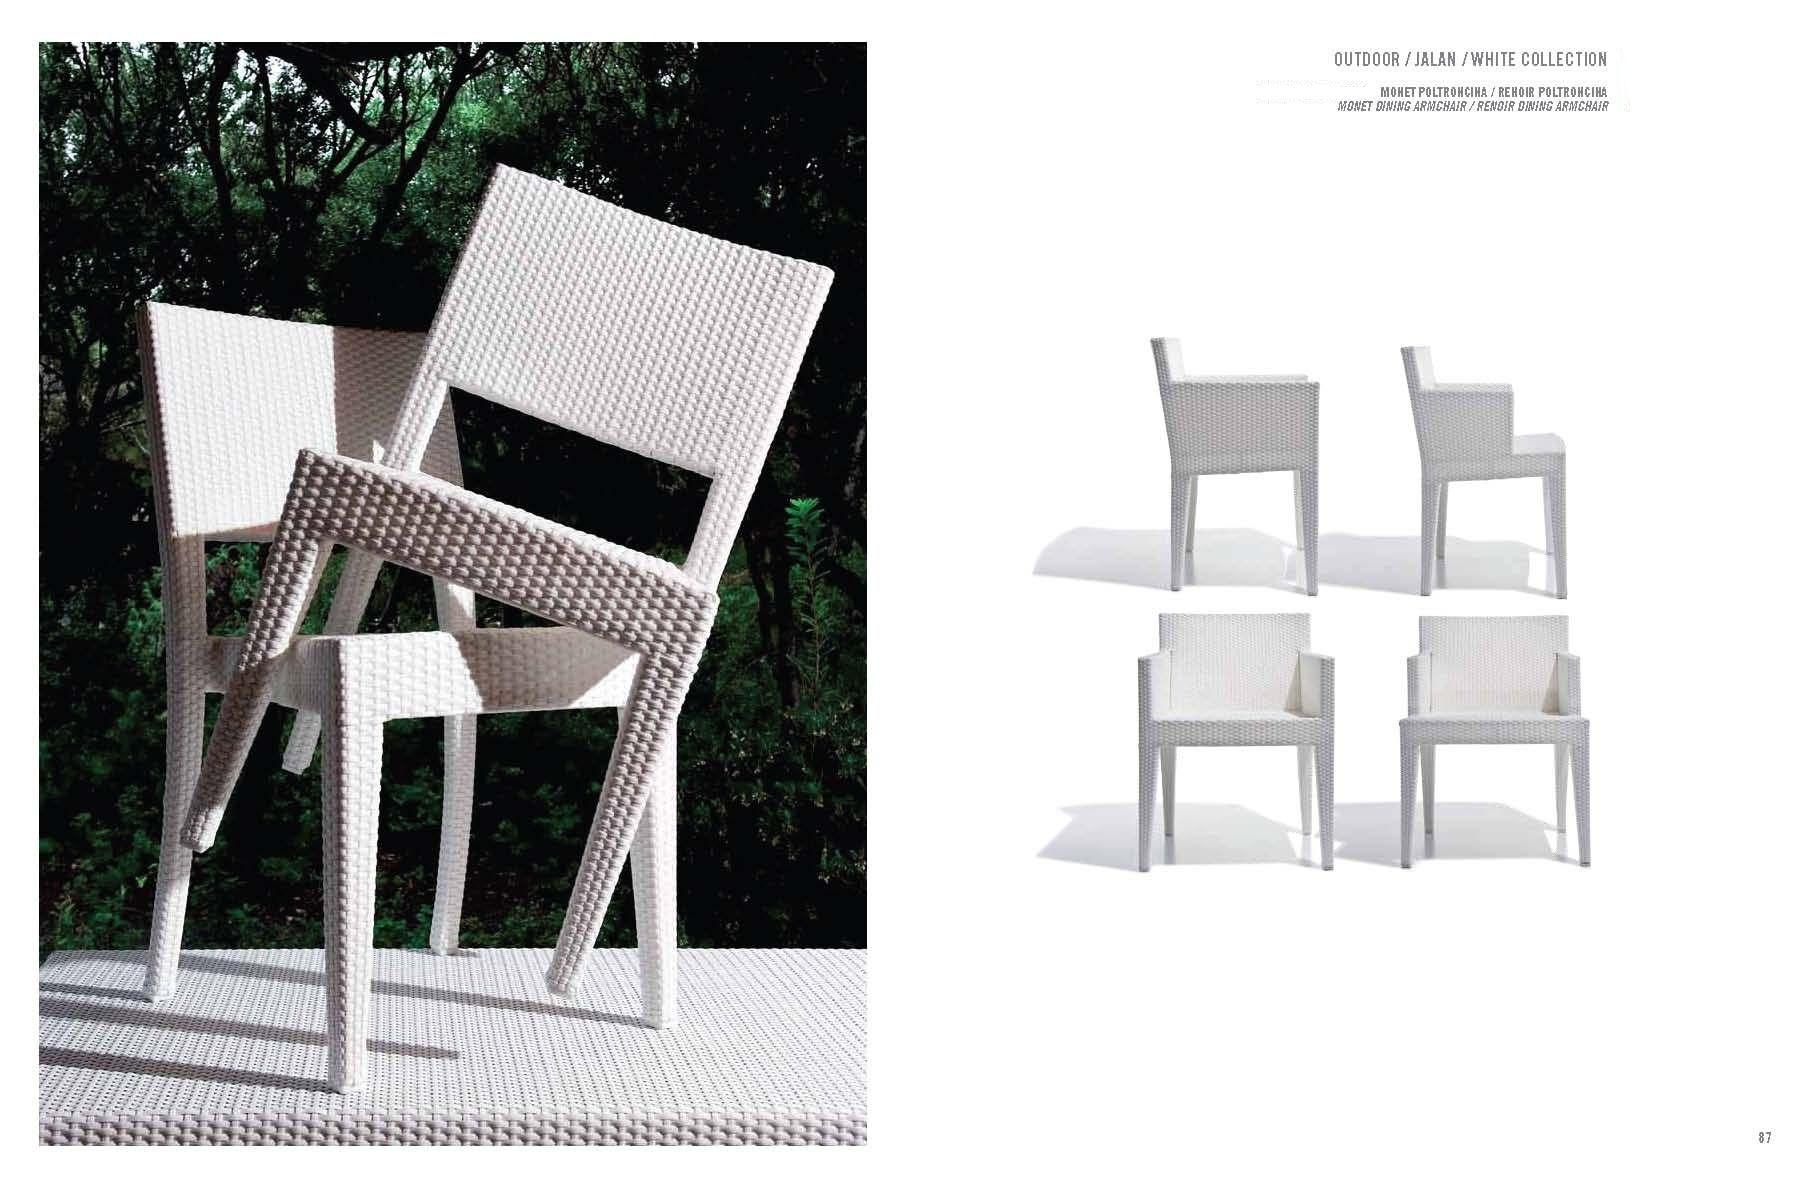 gartenst hle gartenm bel franchidie m bel aus italien. Black Bedroom Furniture Sets. Home Design Ideas